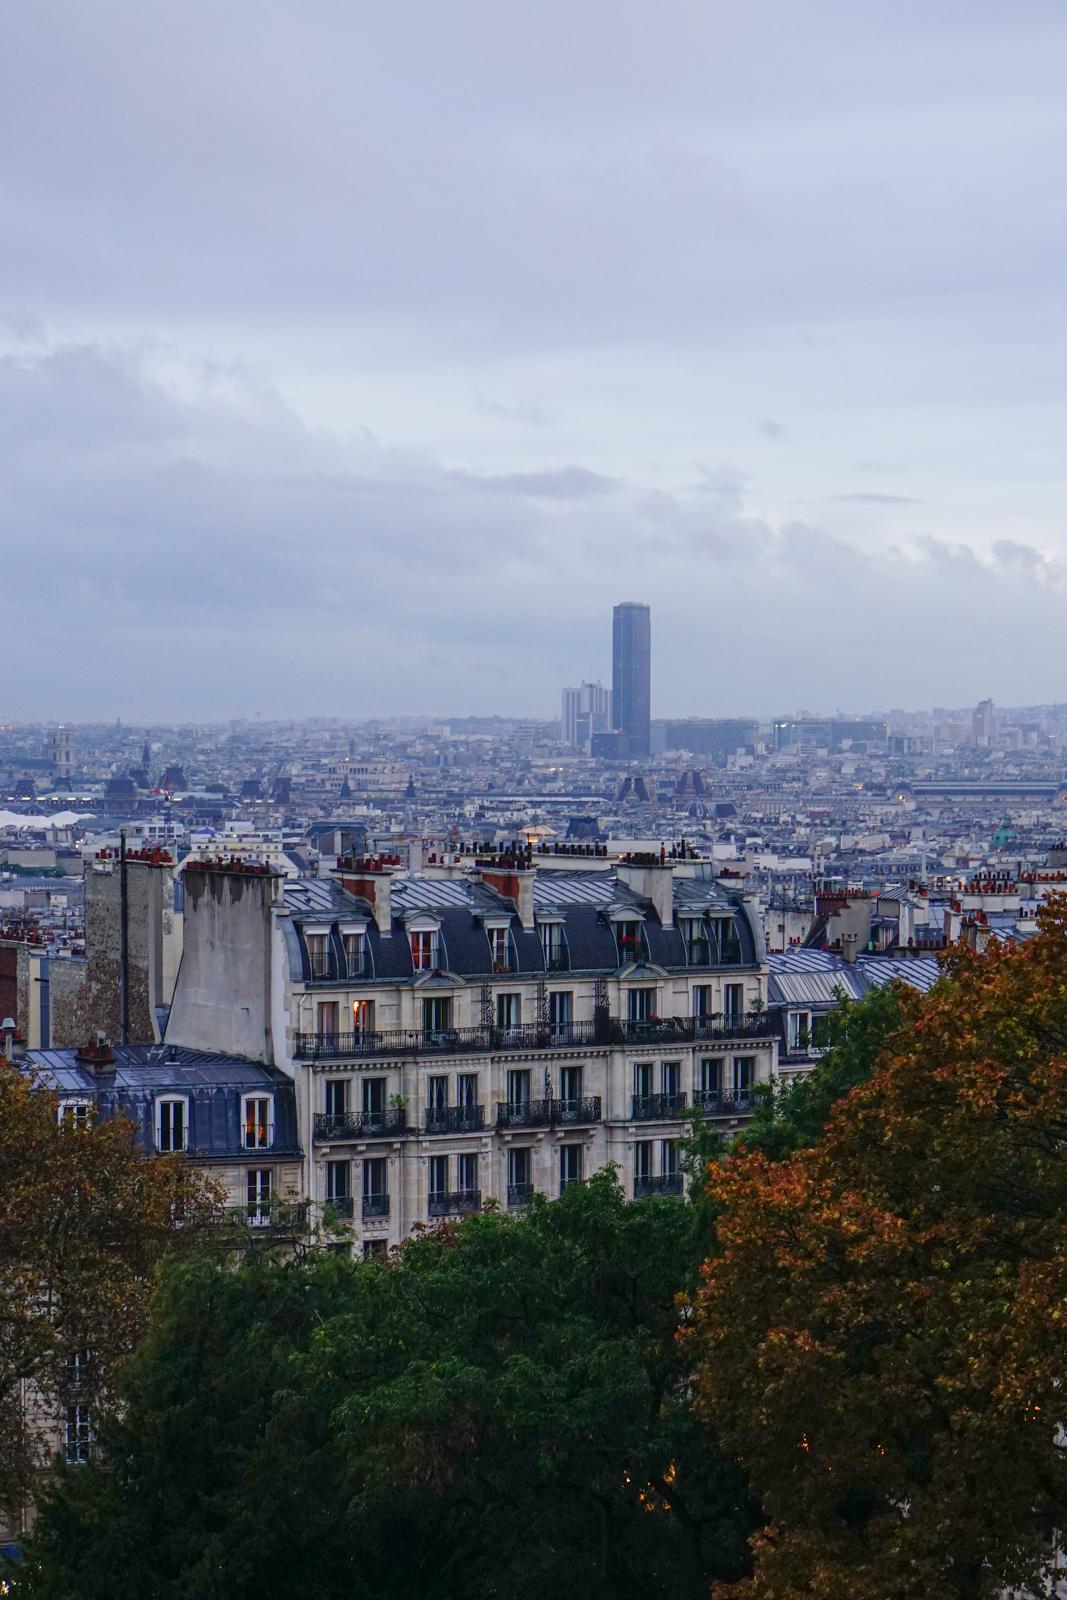 montmartre, montmartre pluie, montmartre automne, balade automne paris, balade paris 18, itinéraire balade paris, paris original, paris authentique, sacré-coeur